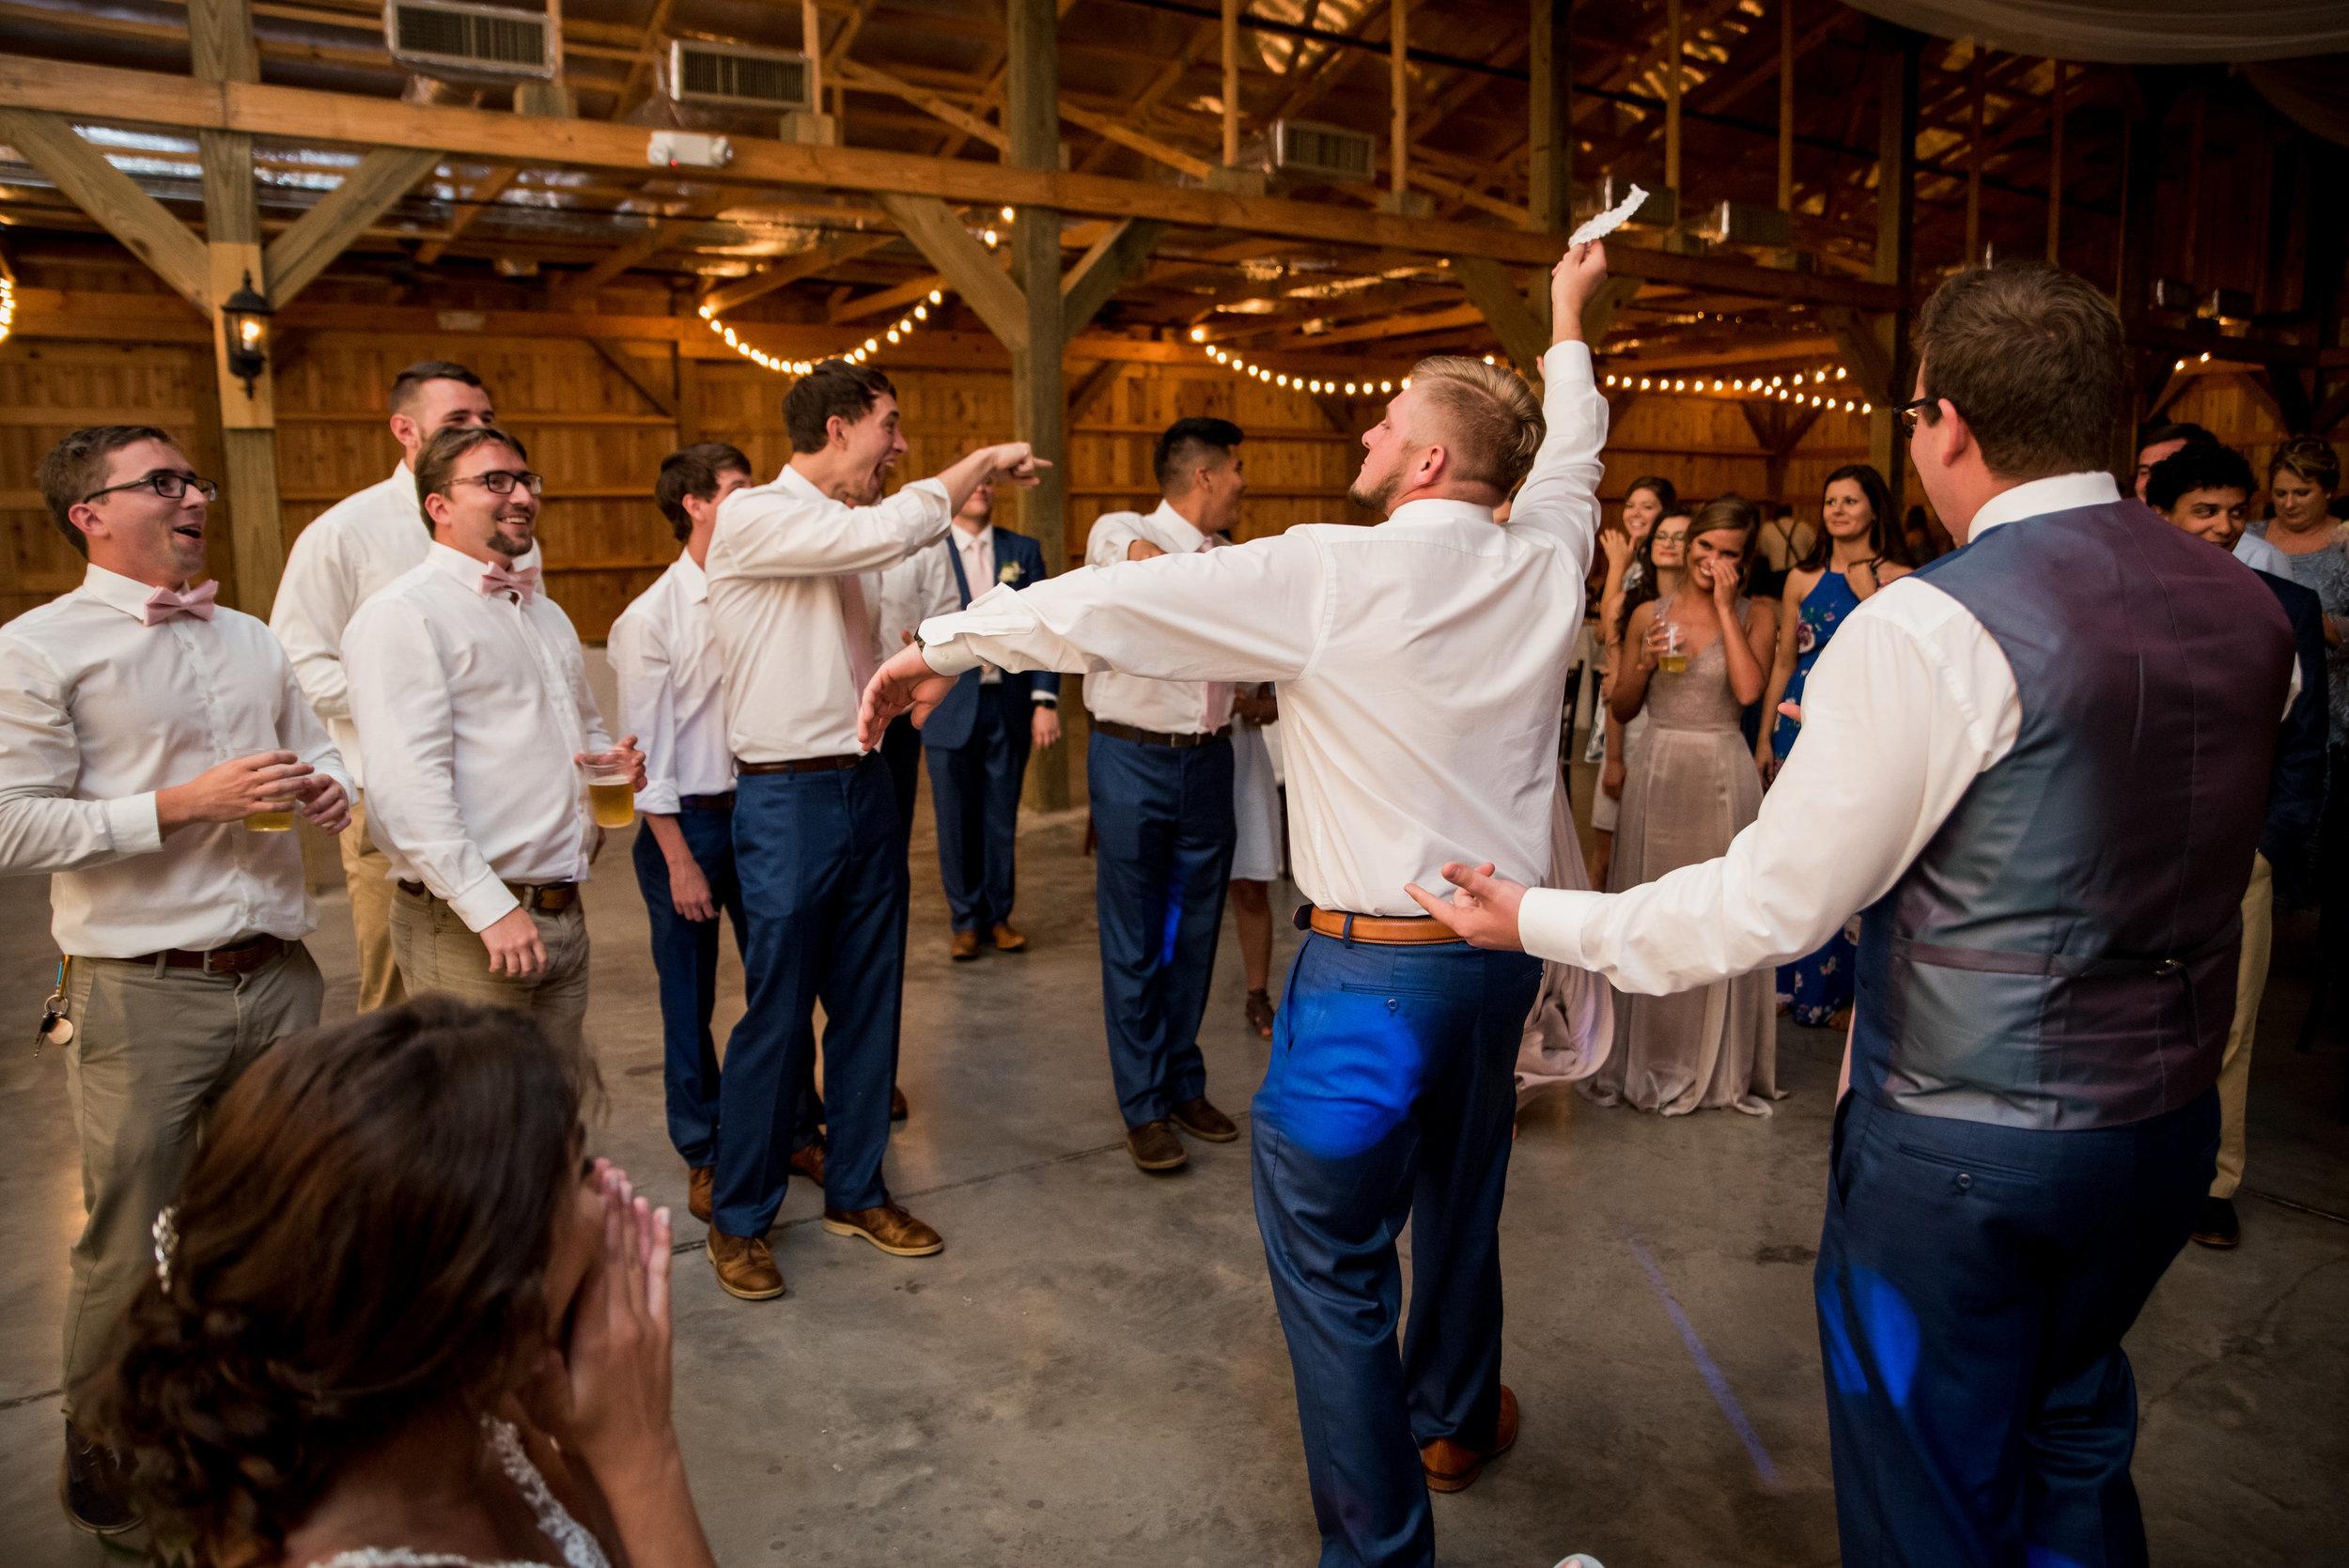 Saddlewood-Farms-Nashville-Wedding-Photographers-752.jpg